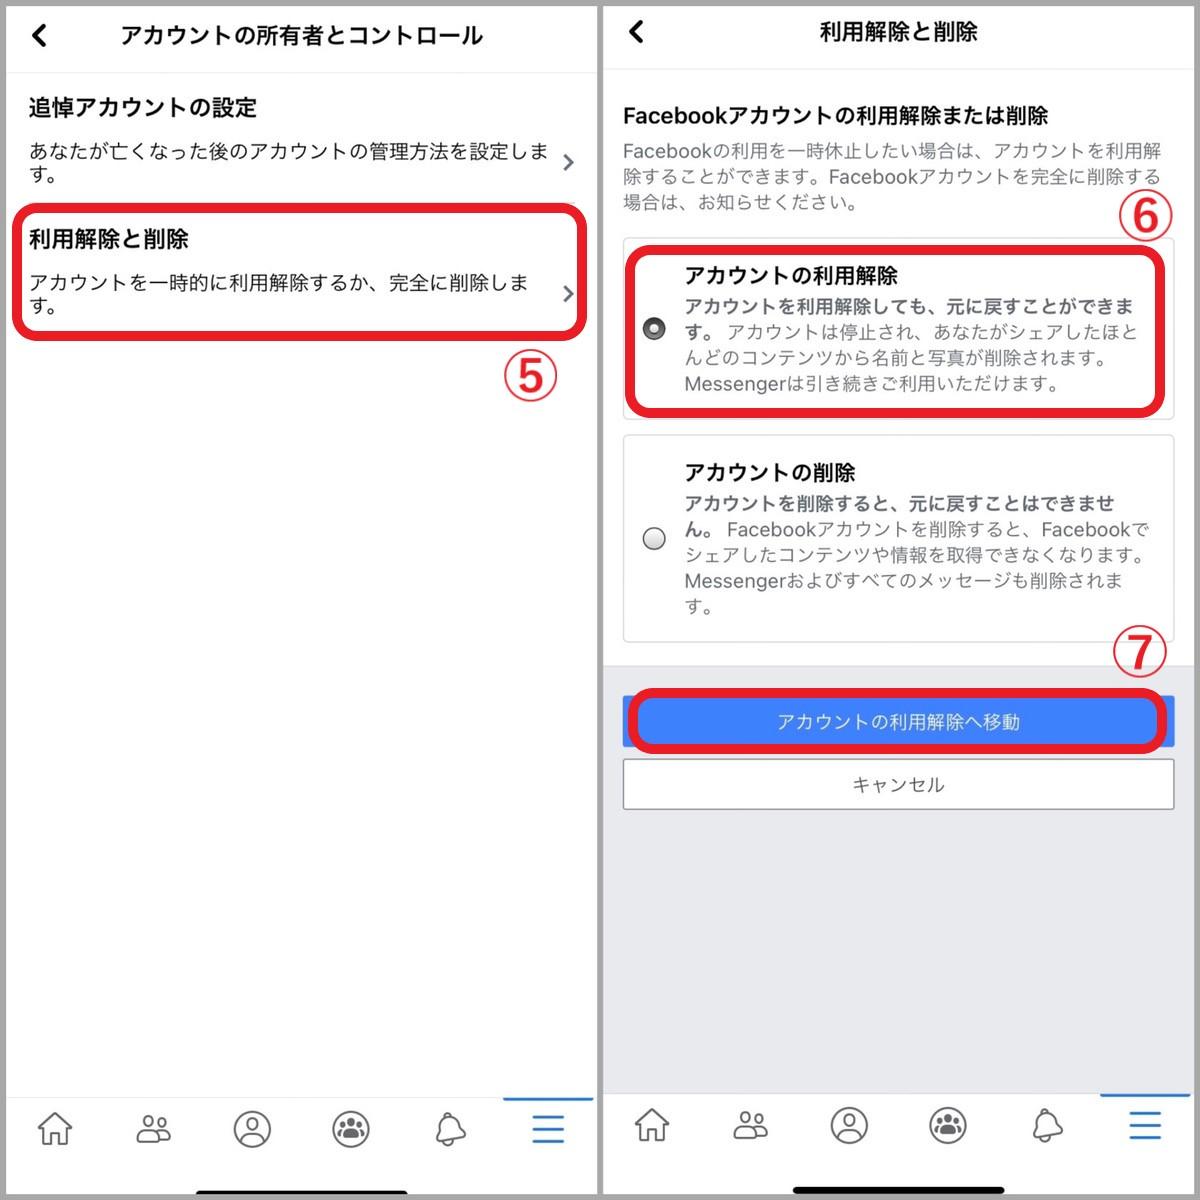 Facebookの停止(利用解除)の手順画像